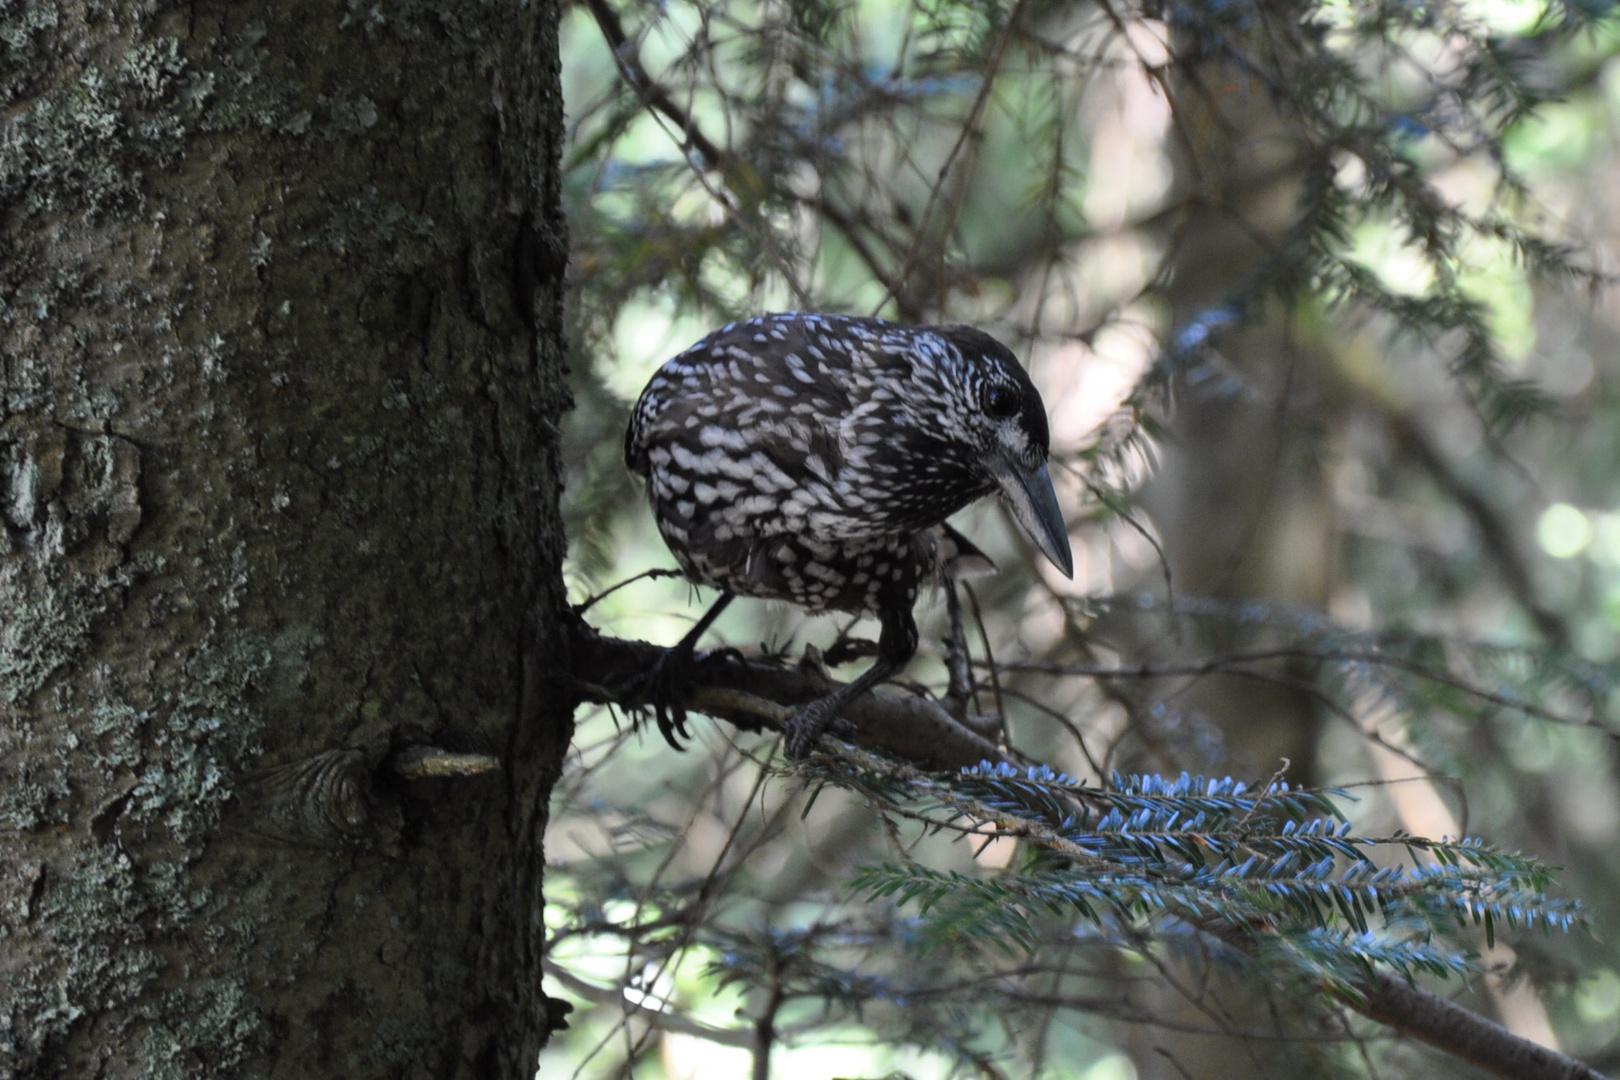 Regard d'un oiseau sur un photographe...